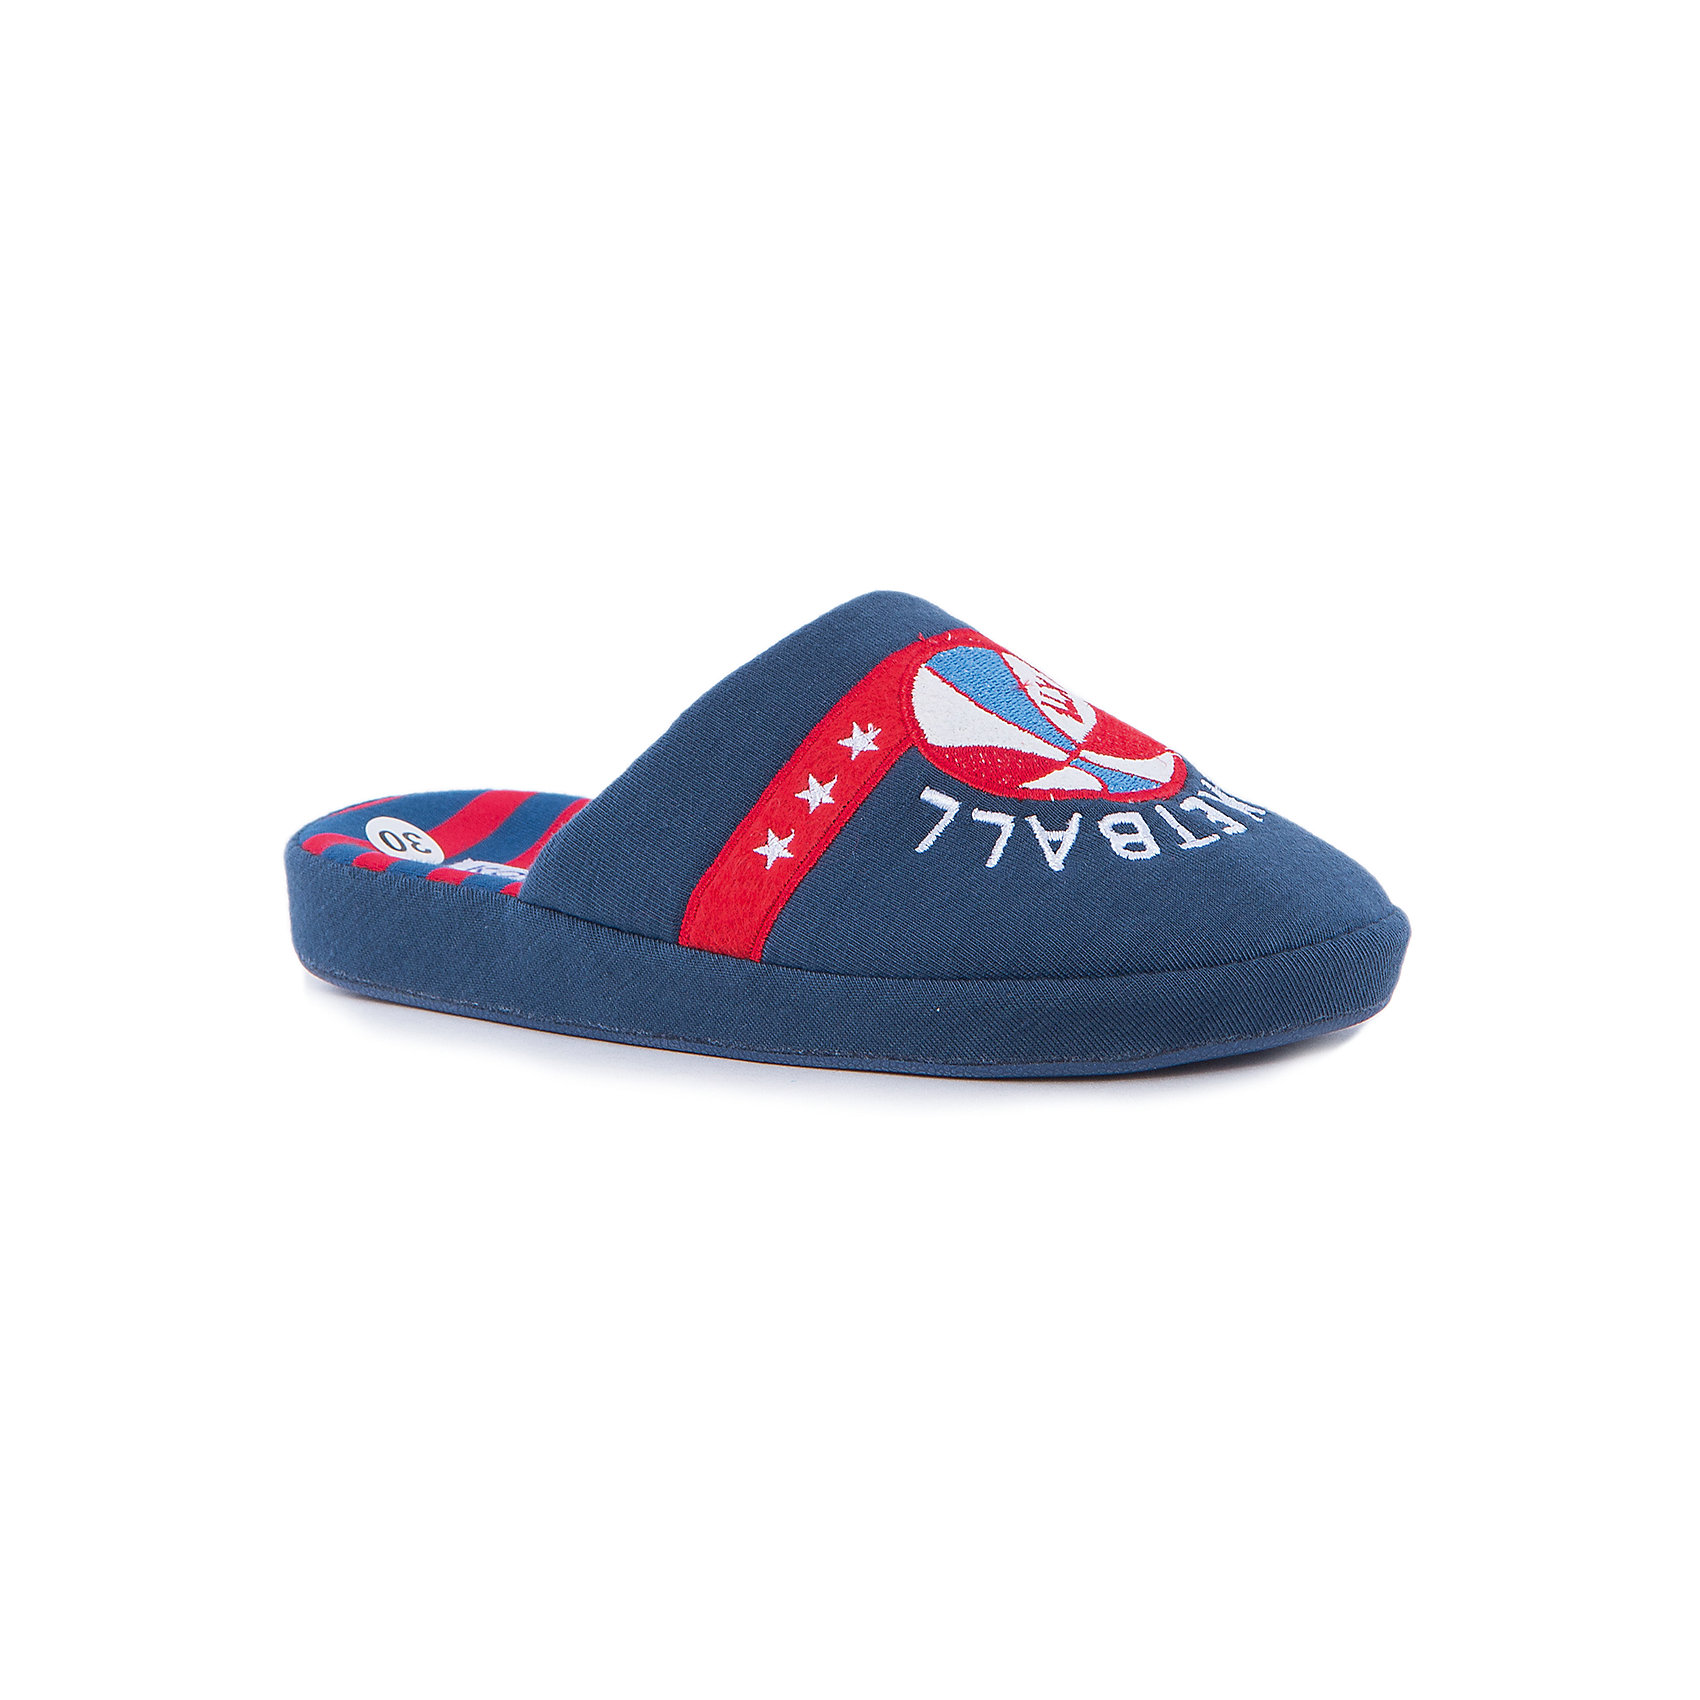 Тапки для мальчика КотофейКотофей – качественная и стильная детская обувь по доступным ценам. С каждым днем популярность бренда растет.  Обувь – отражение человека. Домашней обуви необходимо уделять такое же внимание, как и уличной. Дизайн тапочек оценят все любители баскетбола. На закрытой части обуви есть аппликация – вышивка с эмблемой этого спорта. Такая домашняя обувь одновременно и согреет и будет стильным аксессуаром к любимой пижамке подходящего цвета.<br><br>Дополнительная информация:<br><br>цвет: цветной;<br>крепление: клеевое.<br><br>Состав:<br>верх – утепленный текстиль;<br>материал подклада – текстиль;<br>подошва – ТЭП.<br><br>Цветные тапочки для мальчика дошкольного возраста из текстиля от фирмы Котофей можно приобрести в нашем магазине.<br><br>Ширина мм: 219<br>Глубина мм: 158<br>Высота мм: 118<br>Вес г: 274<br>Цвет: разноцветный<br>Возраст от месяцев: 108<br>Возраст до месяцев: 120<br>Пол: Мужской<br>Возраст: Детский<br>Размер: 33,31,35,32,34,30<br>SKU: 4982078